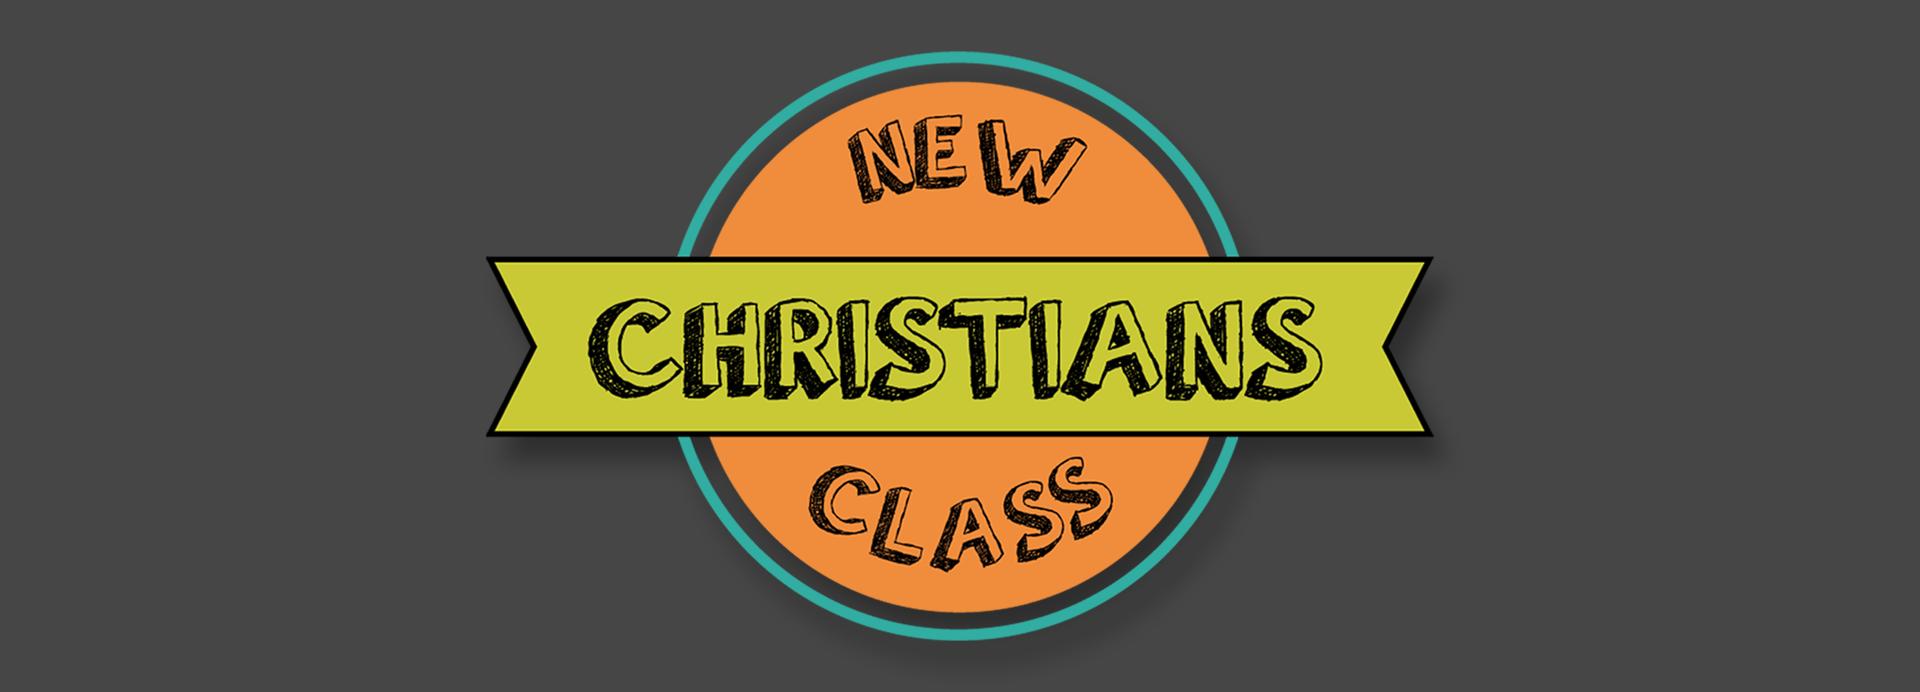 NewChristiansClass_banner.png